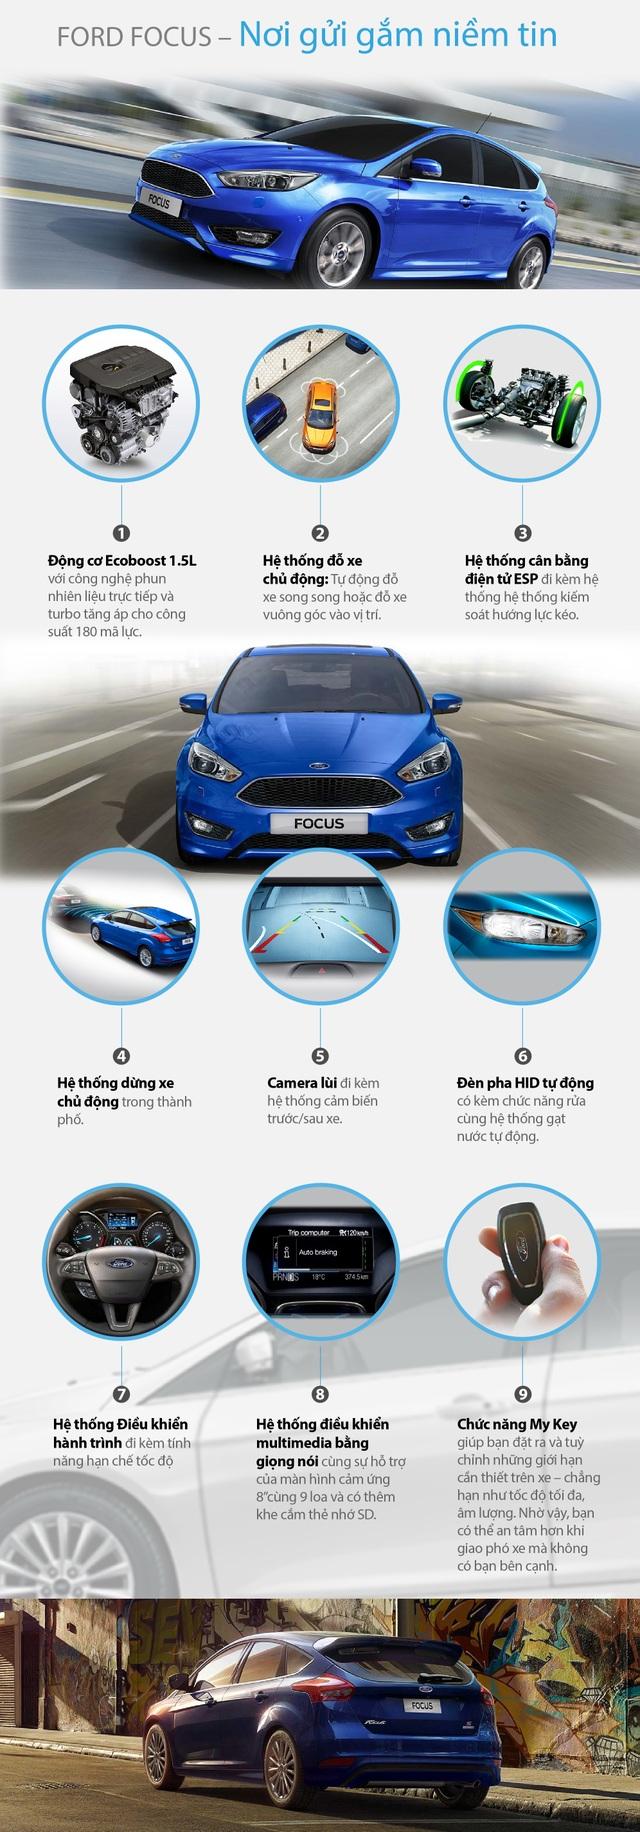 Ford Focus - Nơi gửi gắm niềm tin - 1